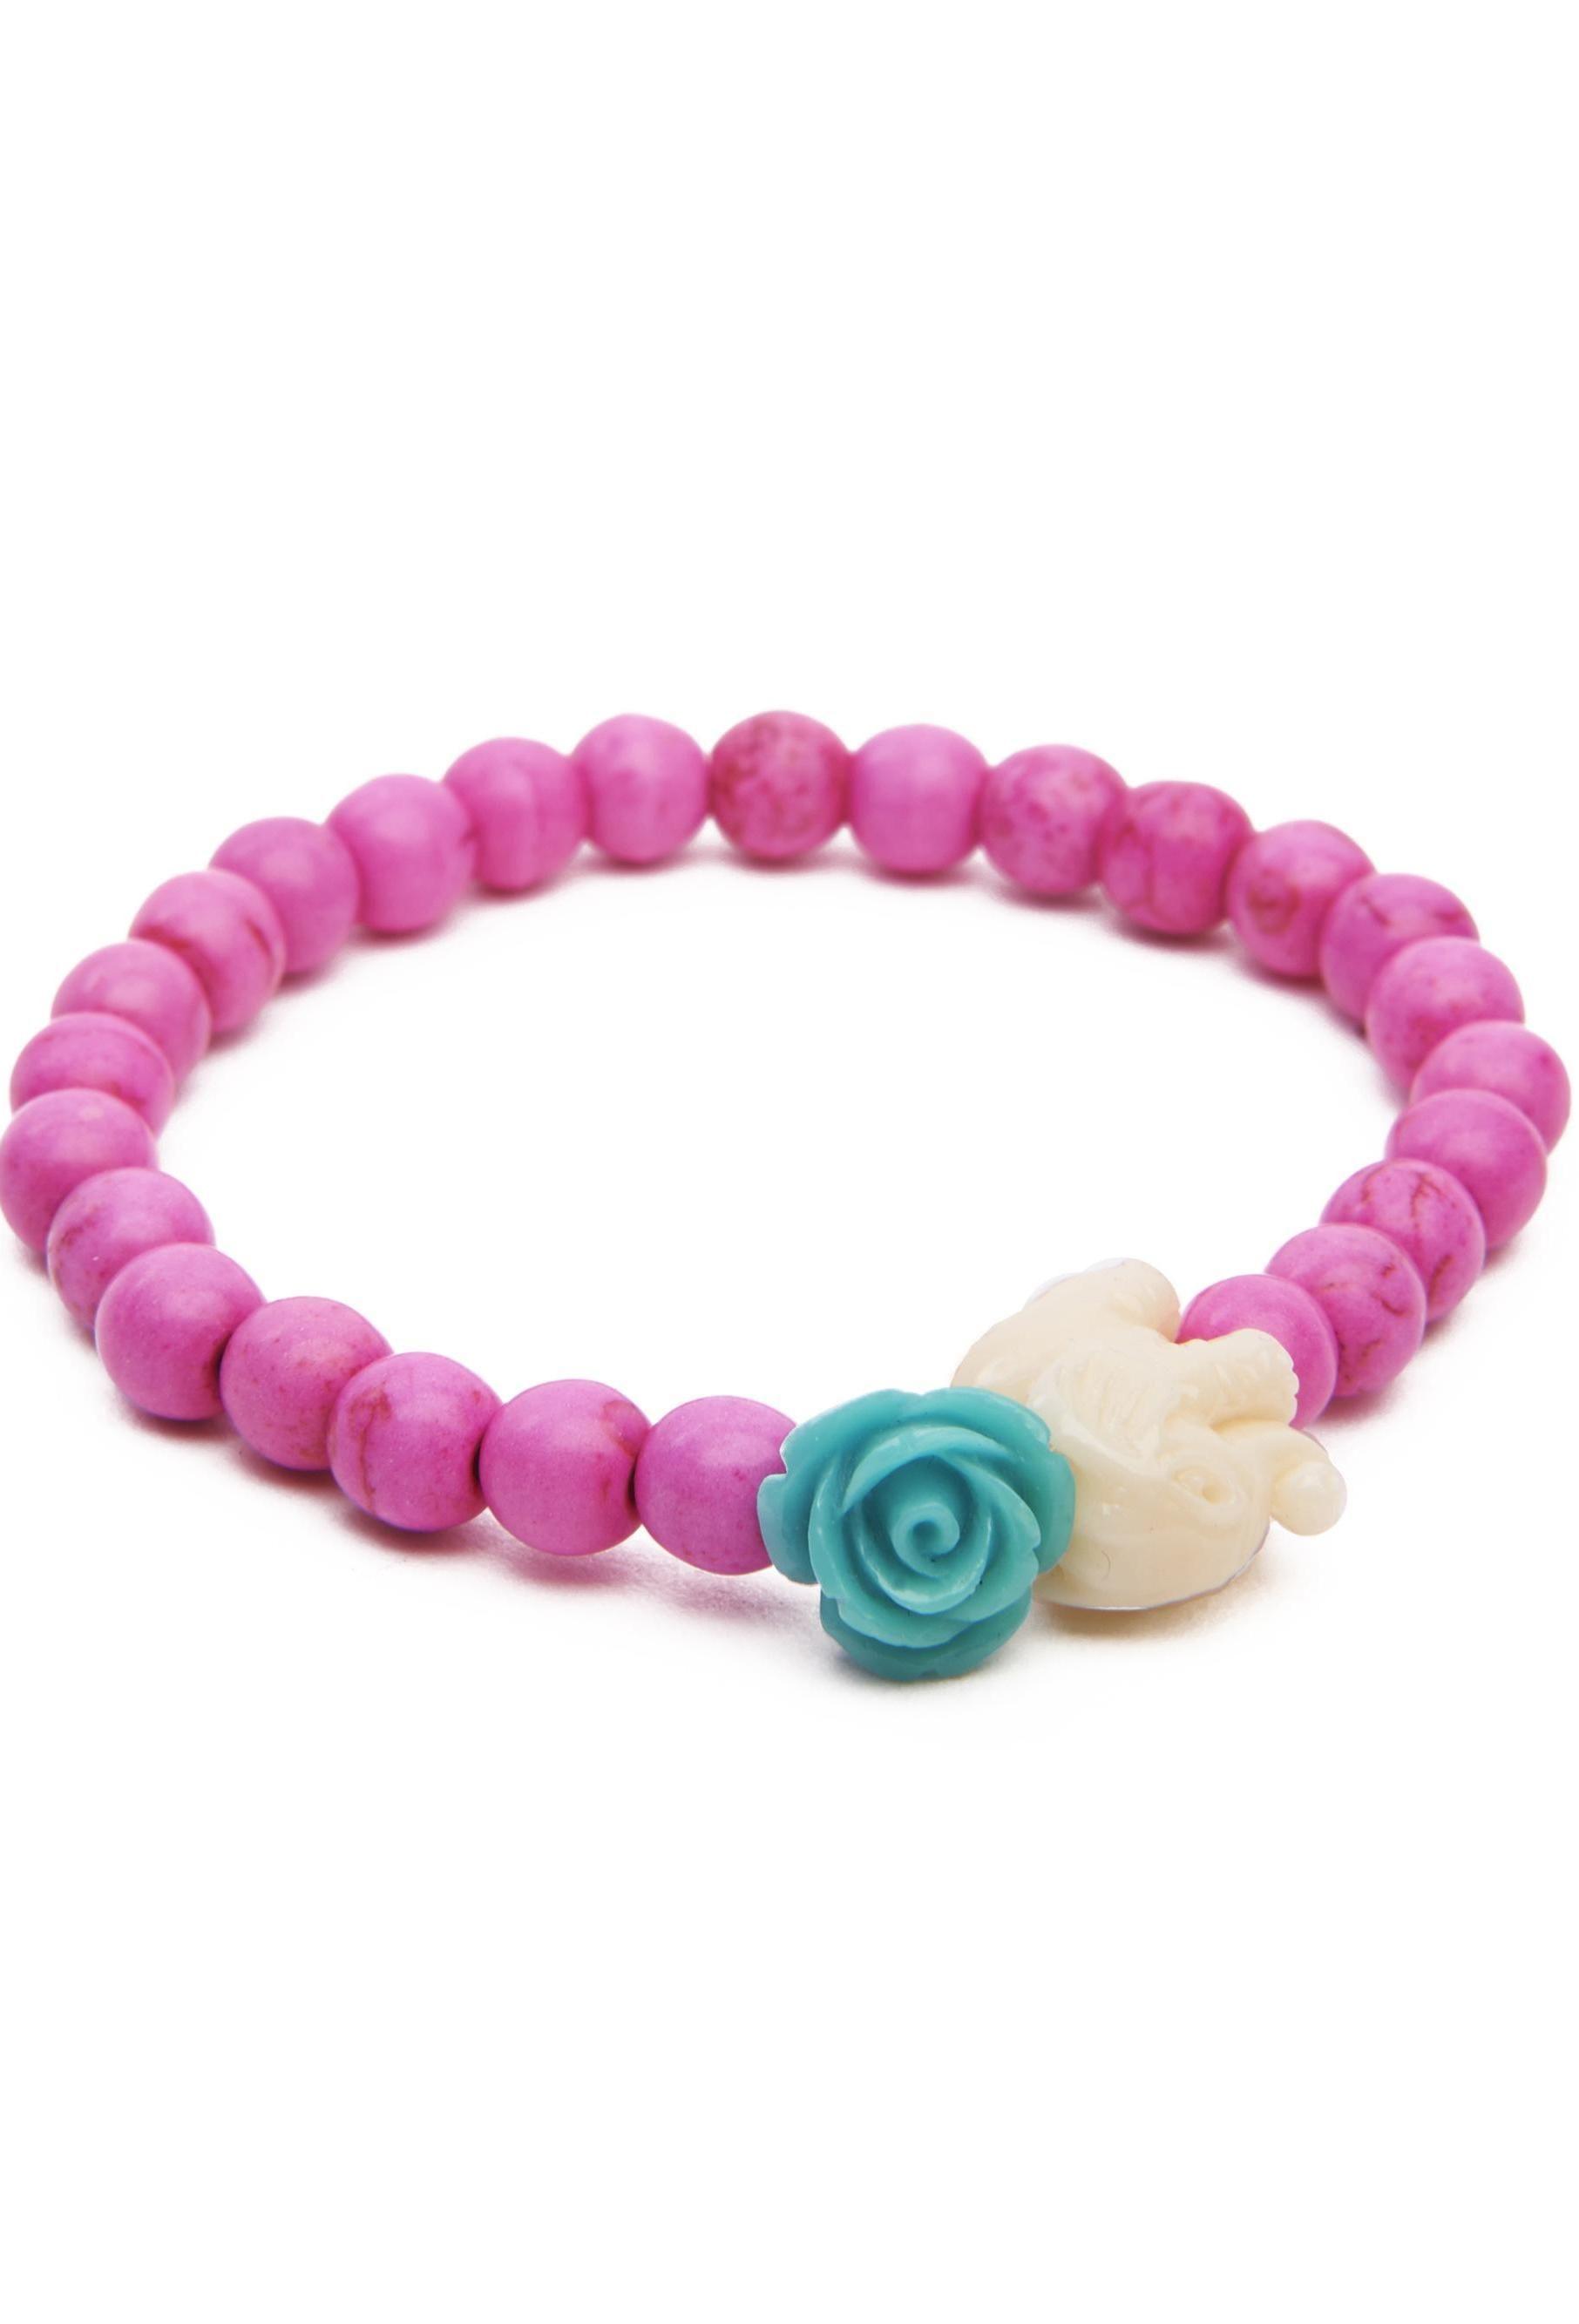 Pink Elephant Bead Bracelet